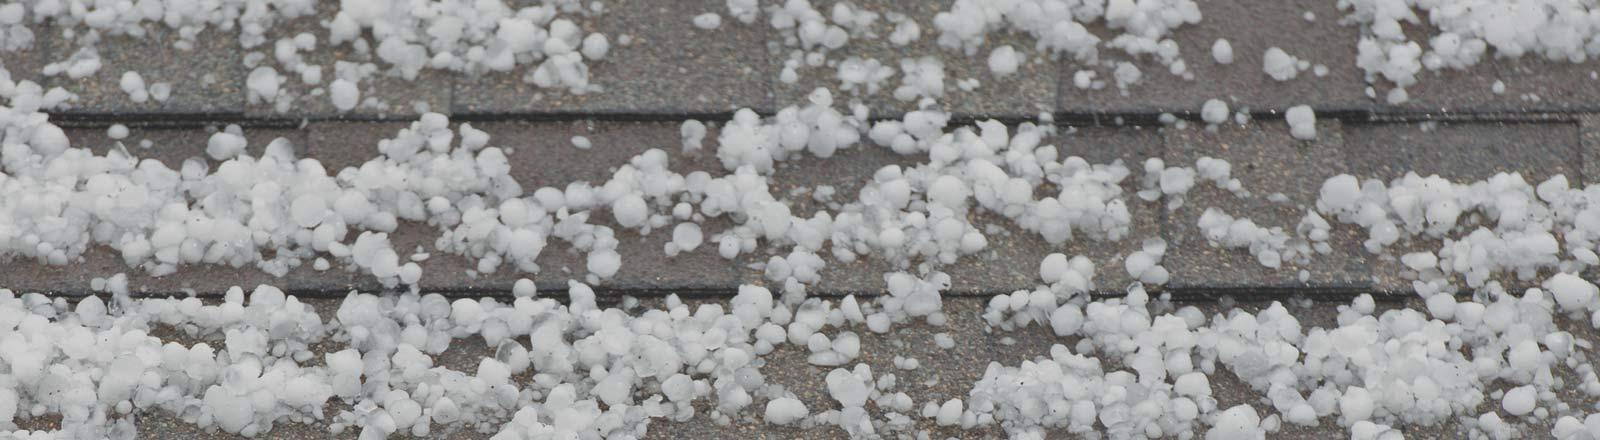 slider header for hail damage page